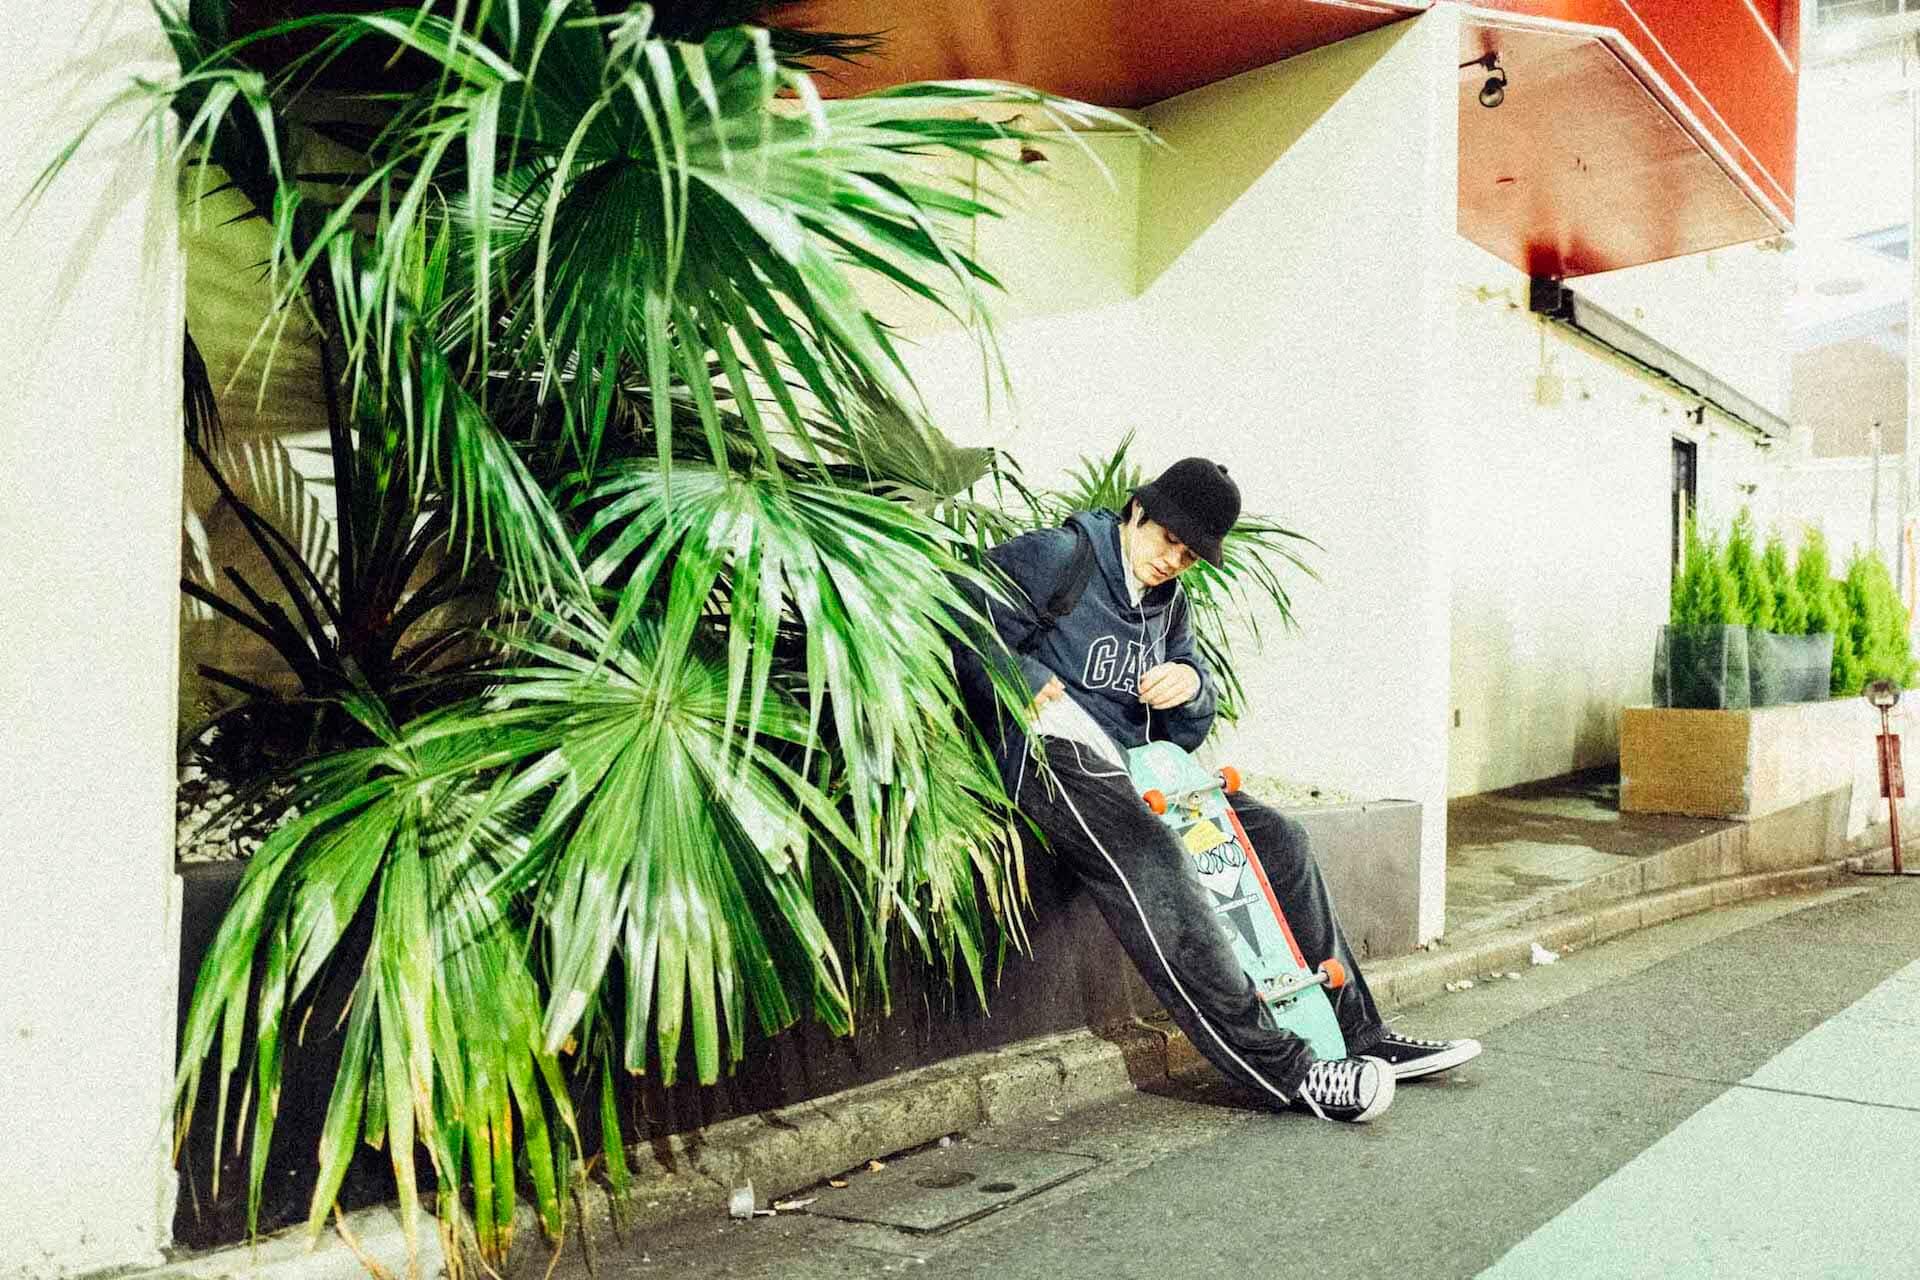 高岩遼のモノローグ|『10』リリースライブに向けて ryo-takaiwa101210-29